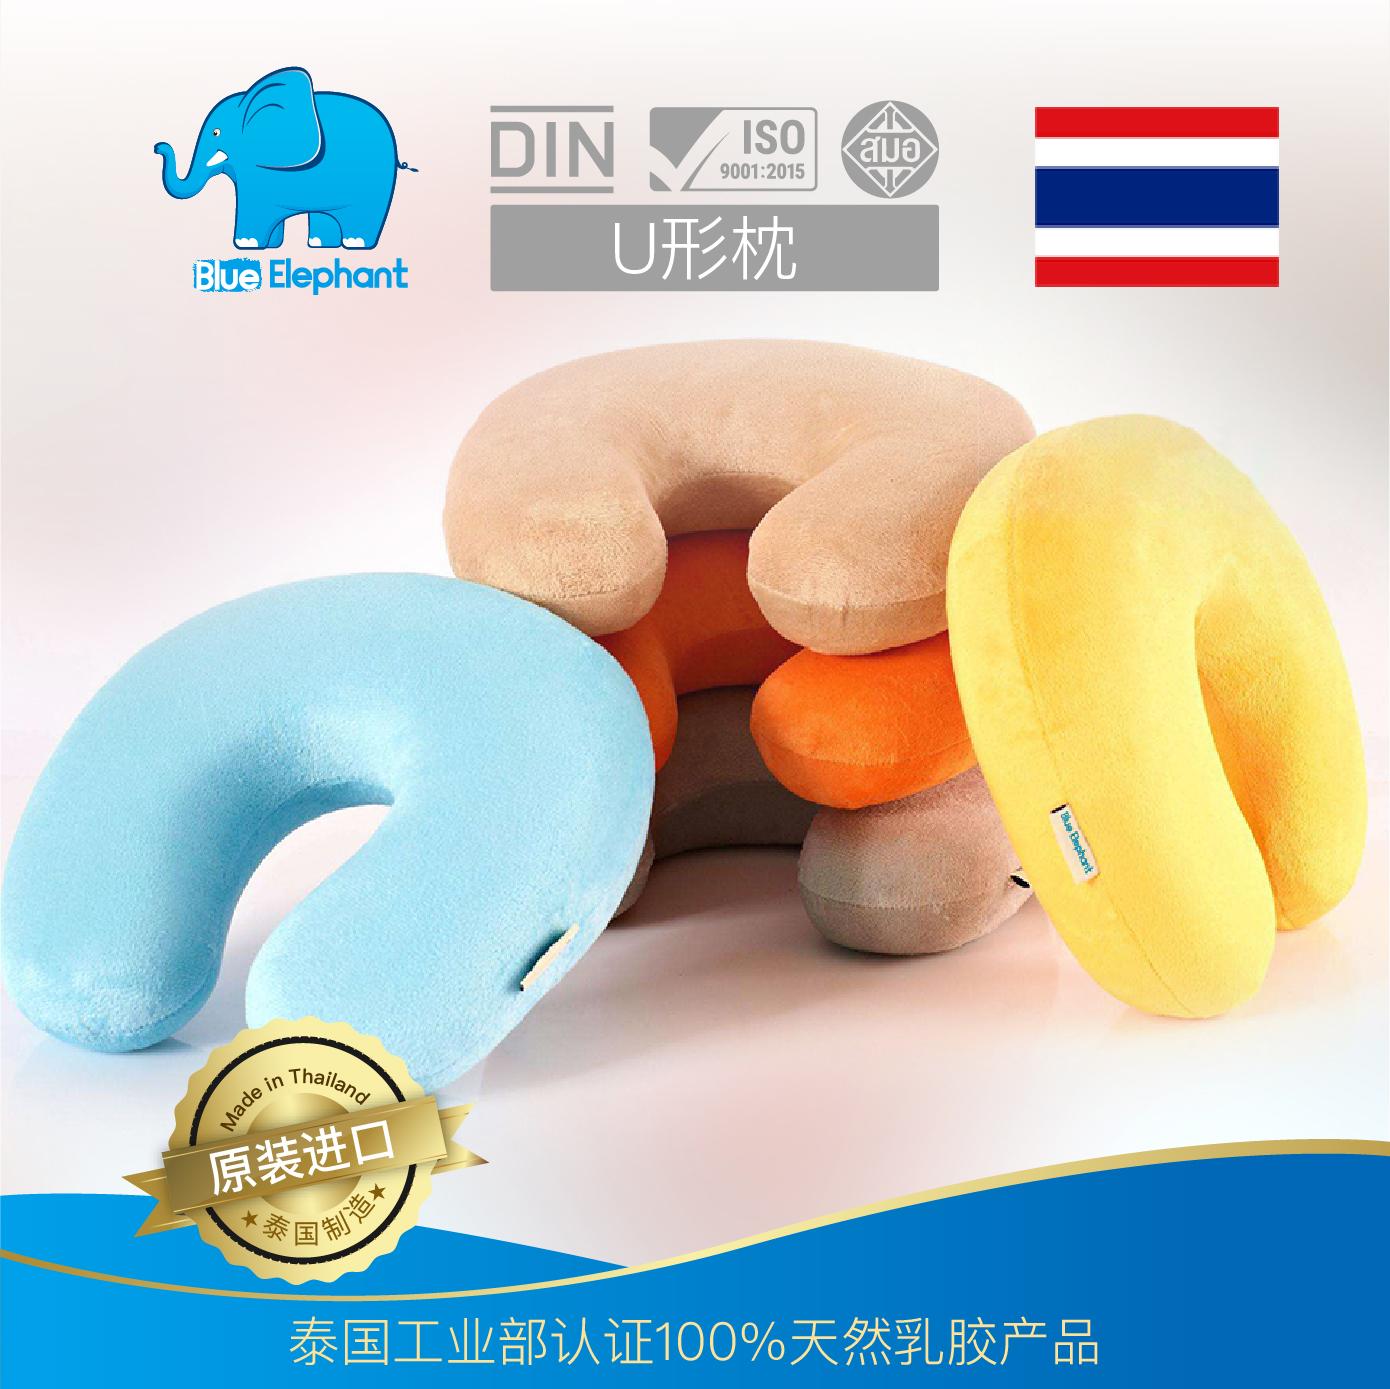 蓝象泰国天然开车旅行p007u形枕满368.00元可用1元优惠券